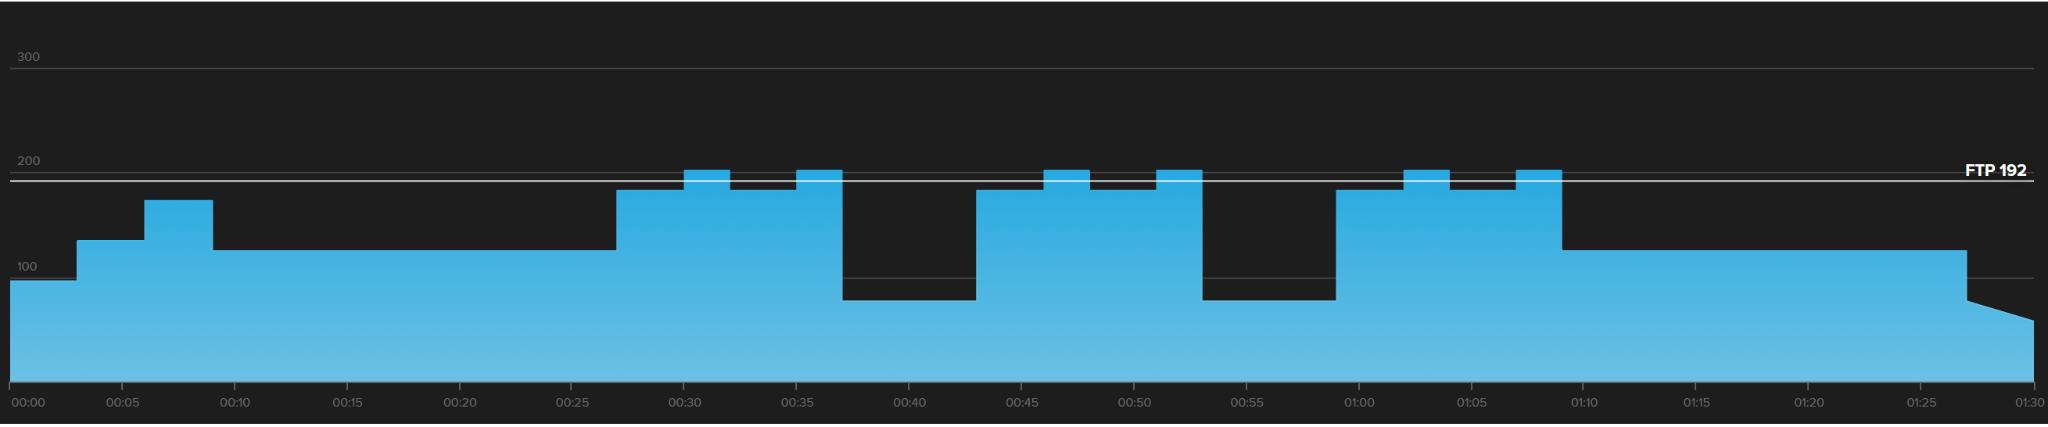 Este es un entrenamiento de intervalo de umbral Starlight -2.  El gráfico muestra tres intervalos superiores e inferiores.